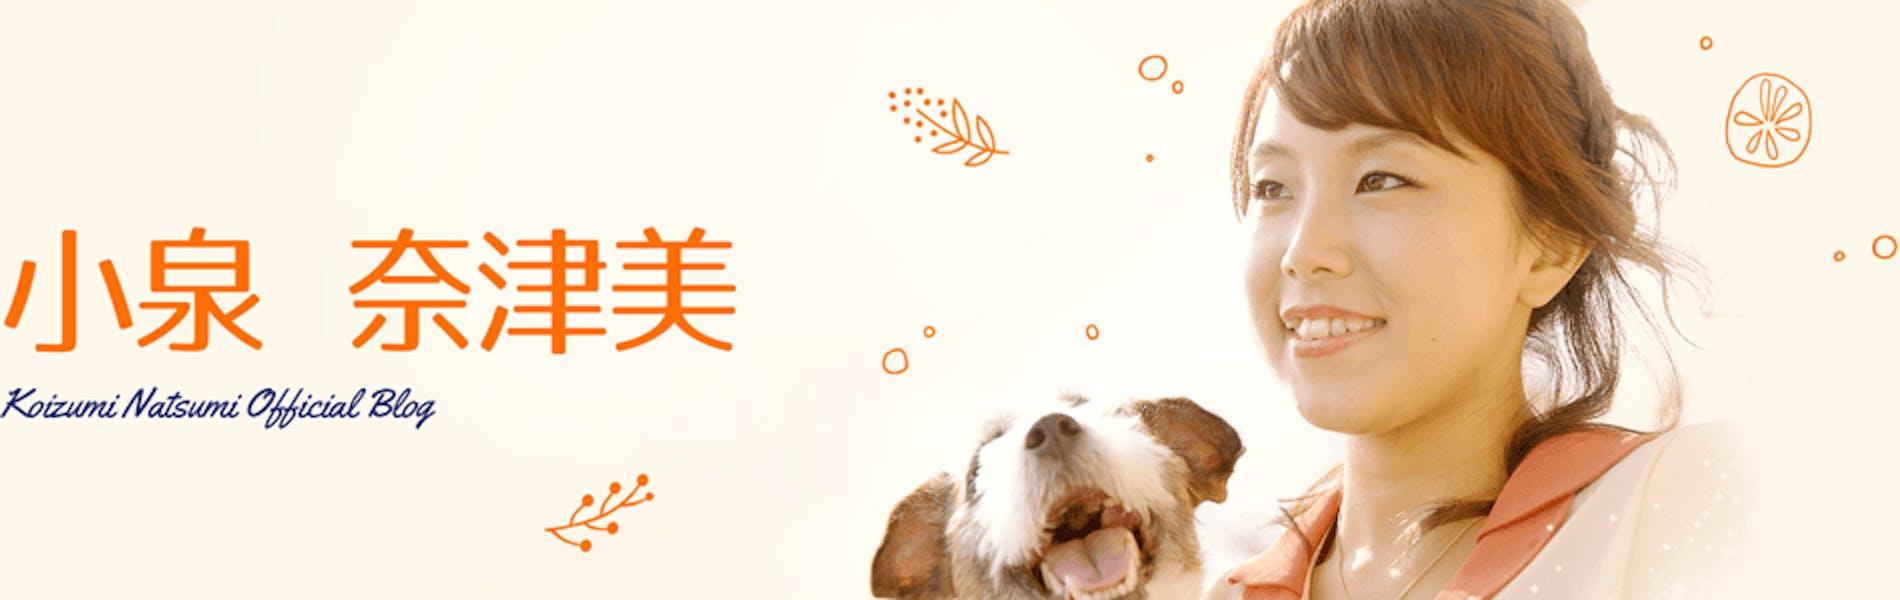 小泉奈津美 オフィシャルブログ